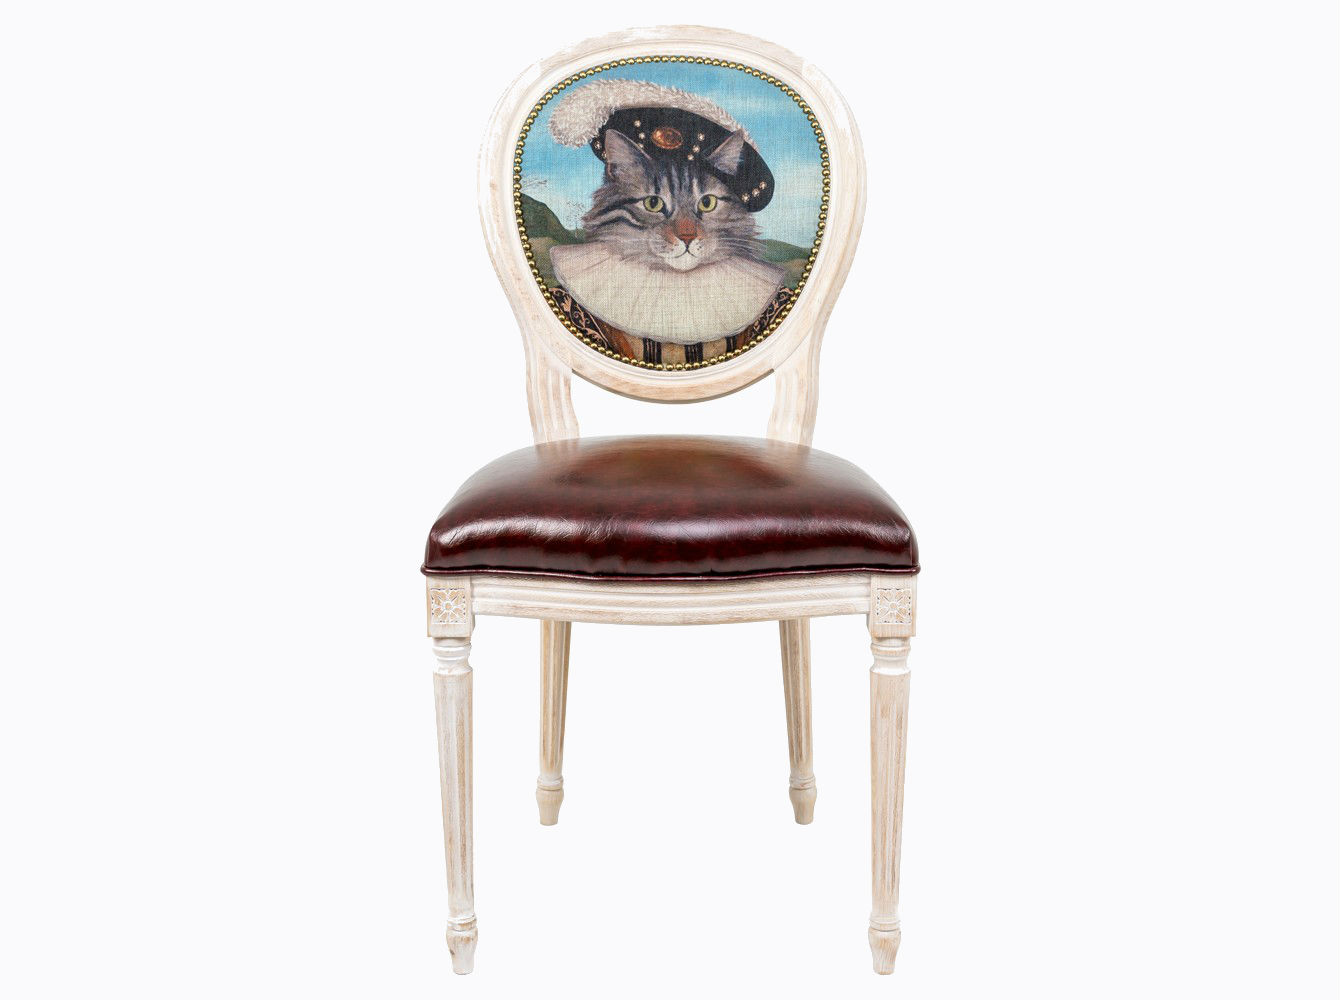 Стул «Музейный экспонат», версия 33Обеденные стулья<br>Стул &amp;quot;Музейный экспонат&amp;quot; - универсальное, но отборное решение гостиной и детской комнат, столовой, холла, кабинета и спальни. <br>Приобретая такую модель, можно быть уверенными в её эклектическом единстве с роскошным &amp;quot;ренессансом&amp;quot; и изнеженным &amp;quot;ампиром&amp;quot;, аскетичным &amp;quot;лофтом&amp;quot; и салонным &amp;quot;ар-деко&amp;quot;.<br>Корпус стула изготовлен из натурального бука. Среди европейских пород бук считается самым прочным и долговечным материалом. По эксклюзивному дизайну &amp;quot;Объекта мечты&amp;quot; корпусы стульев серии &amp;quot;Музейный экспонат&amp;quot; выточены, брашированы и патинированы в Италии. <br>В дизайне &amp;quot;Музейный экспонат&amp;quot; резьба играет ведущую роль: стул украшен вычурными желобками и цветочными узорами, выточенными с ювелирной меткостью. <br>Комфортабельность, прочность и долговечность сиденья обеспечены подвеской из эластичных ремней.  Обивка оснащена тефлоновым покрытием против пятен. <br>Мебель от &amp;quot;Объекта мечты&amp;quot; - дизайнерский раритет Вашего интерьера.<br>&amp;lt;div&amp;gt;&amp;lt;br&amp;gt;&amp;lt;/div&amp;gt;&amp;lt;div&amp;gt;Каркас - натуральное дерево бука, обивка сиденья и оборотной стороны спинки - эко-кожа, обивка спинки: 29% лен, 9 % хлопок, 72% полиэстер&amp;lt;br&amp;gt;&amp;lt;/div&amp;gt;<br><br>Material: Дерево<br>Ширина см: 55<br>Высота см: 95<br>Глубина см: 50